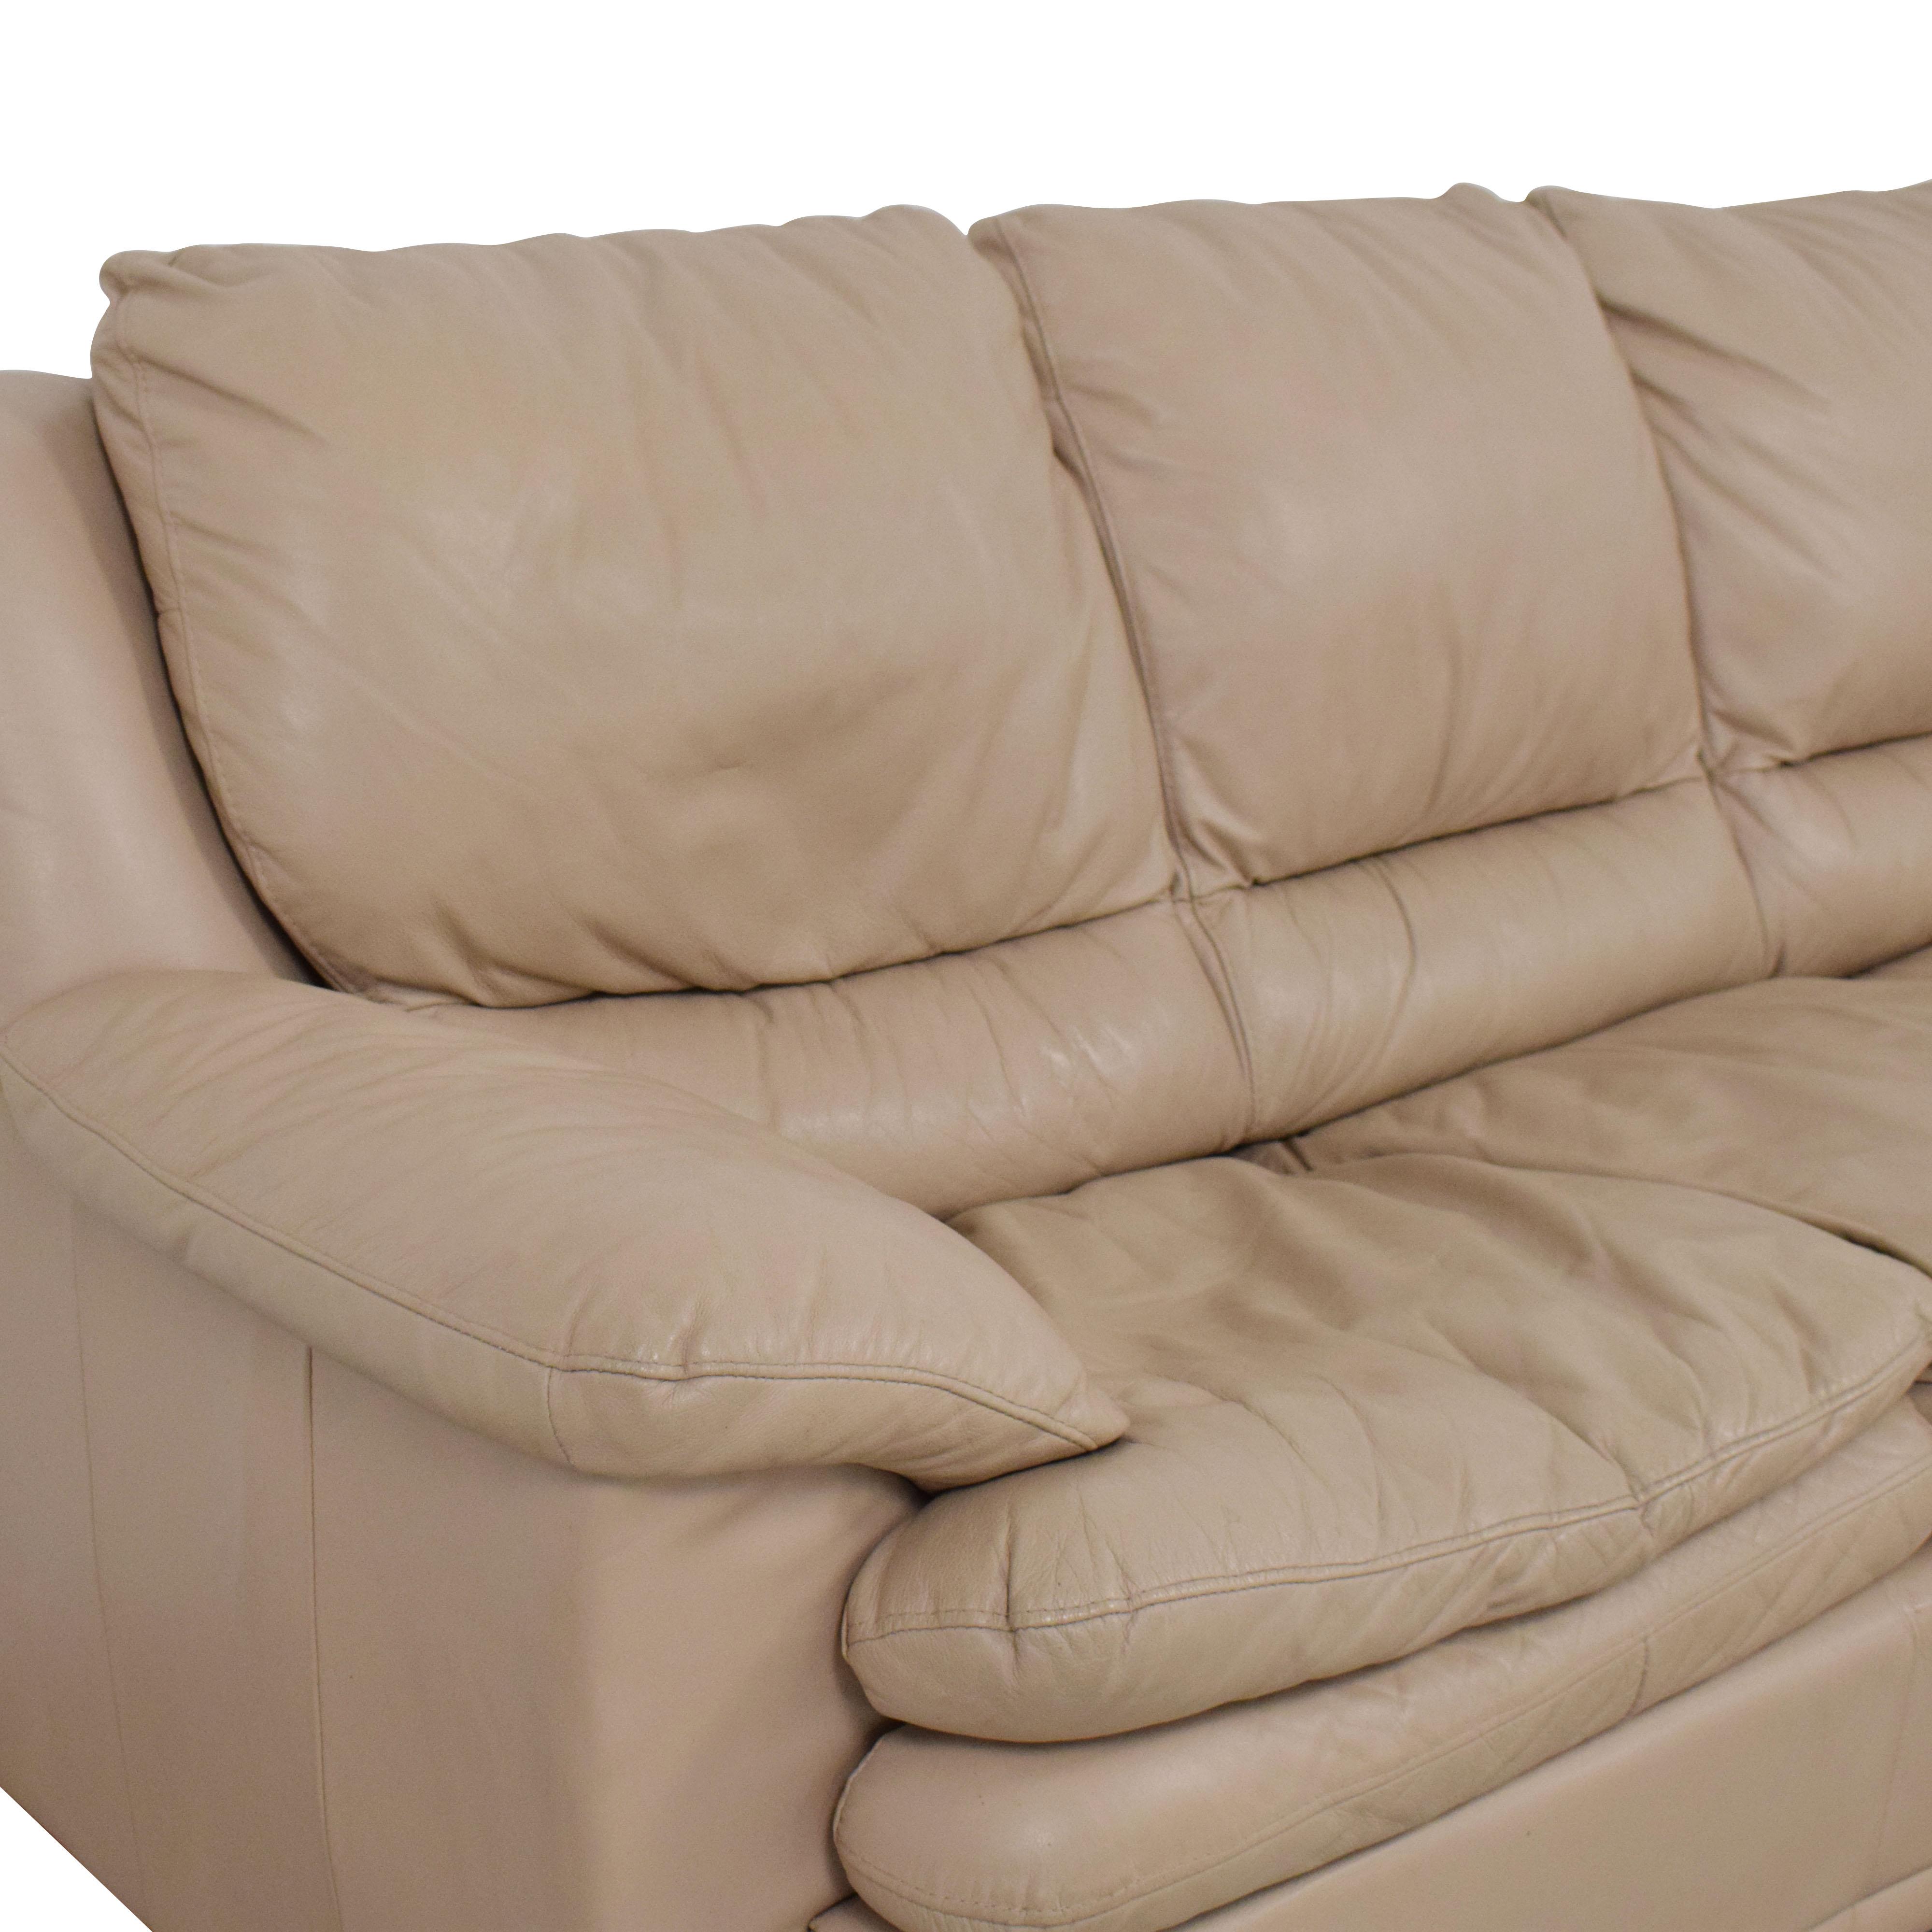 Decoro Leather Sleeper Sofa Sofas